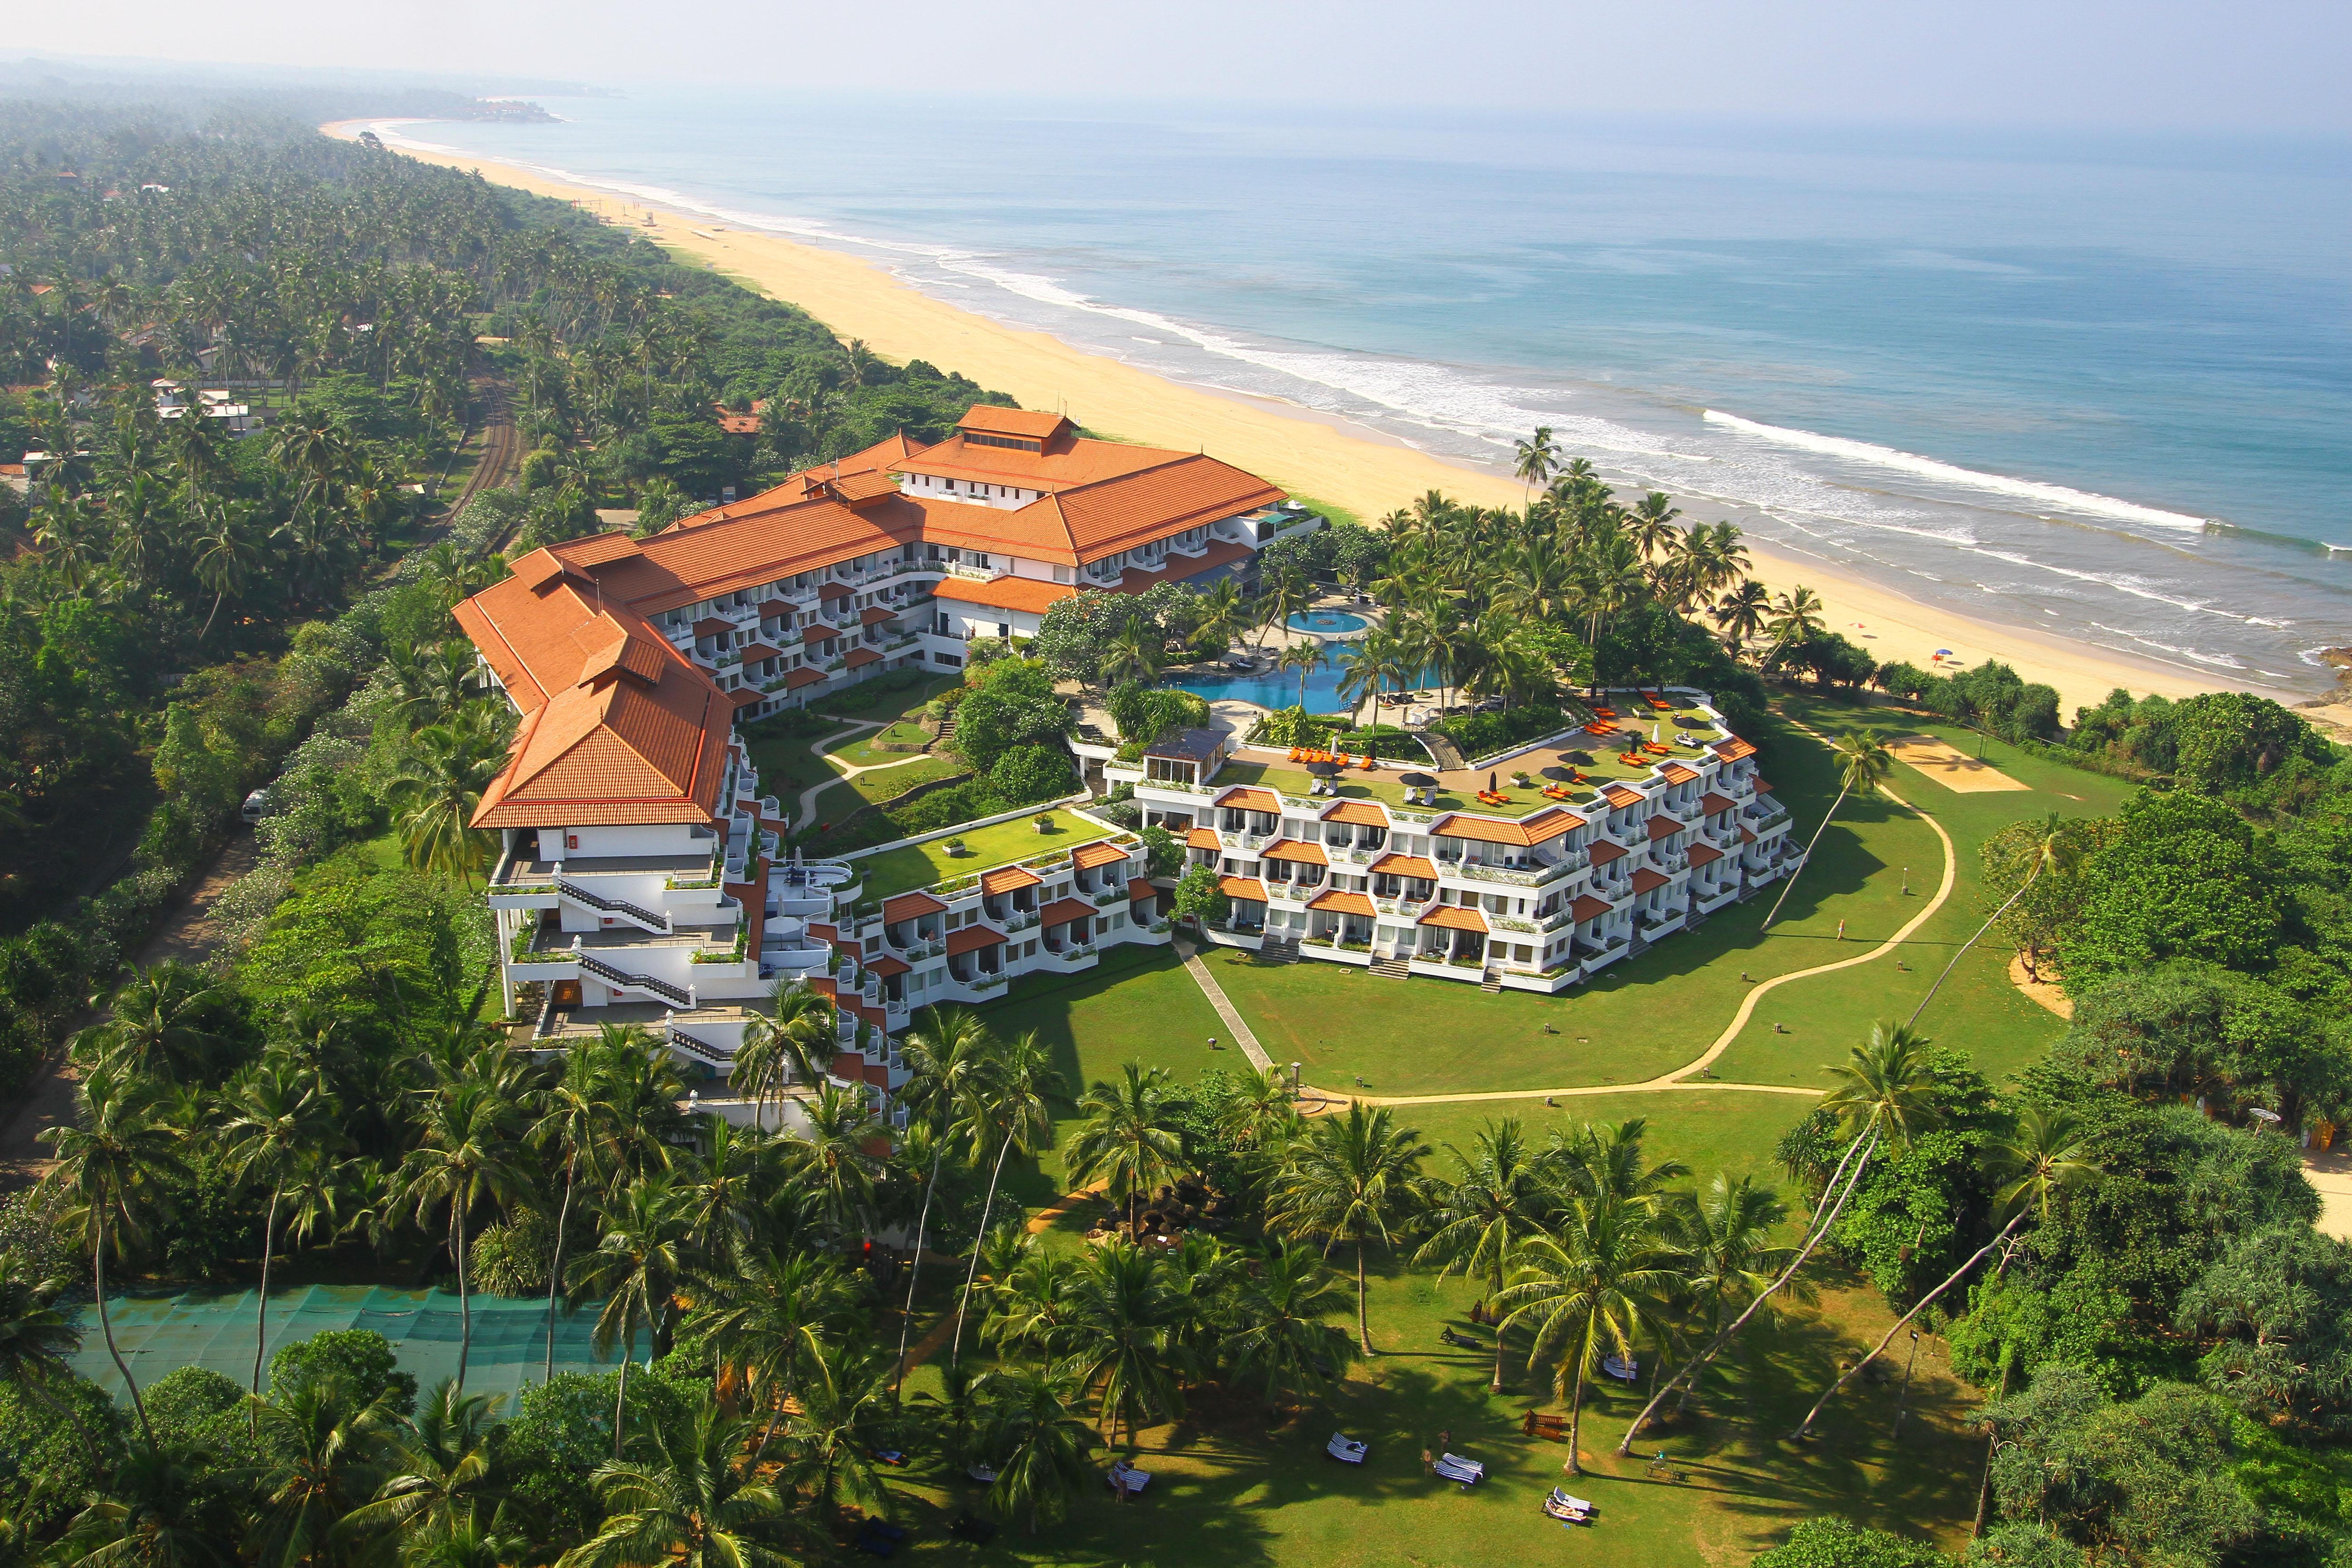 منتجع وسبا تاج بنتوتا سريلانكا يقدم عروضاً مميزة للاستمتاع بالشواطئ الساحرة والأجواء المشمسة